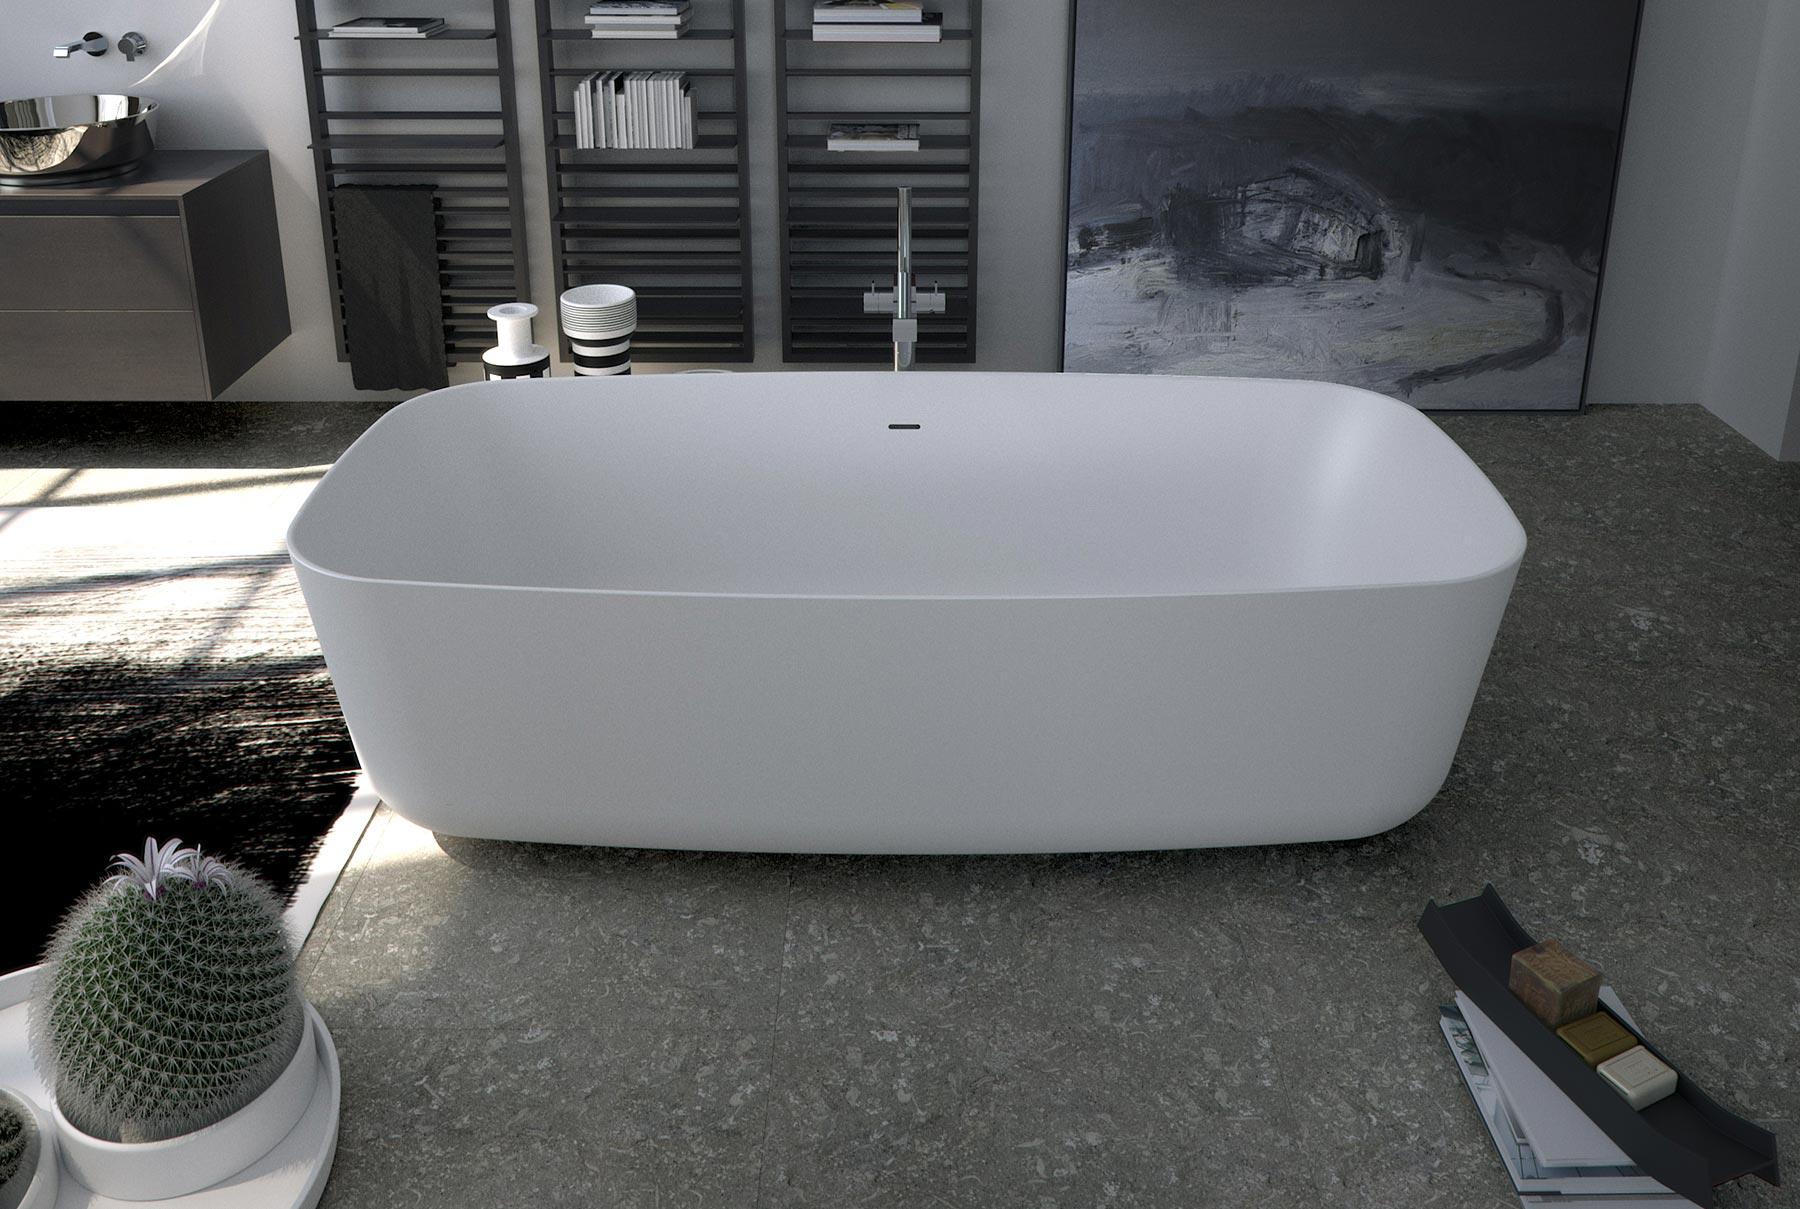 Vasche Da Bagno Jacuzzi Confronta Prezzi : Vasche da bagno jacuzzi confronta prezzi casa moderna roma italy